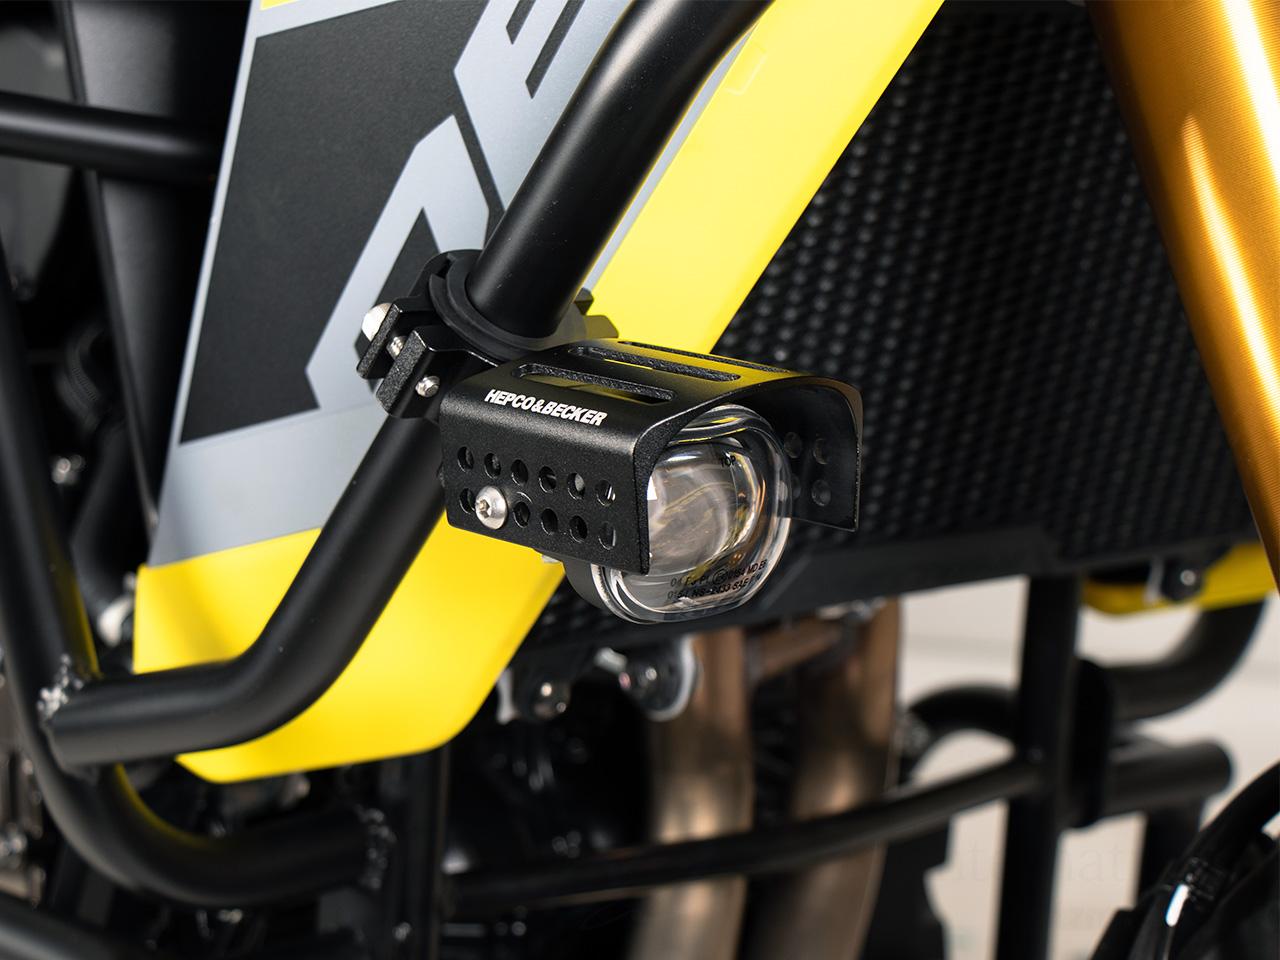 ヘプコ&ベッカー 正規品 LED Micro Flooter エクストラライト